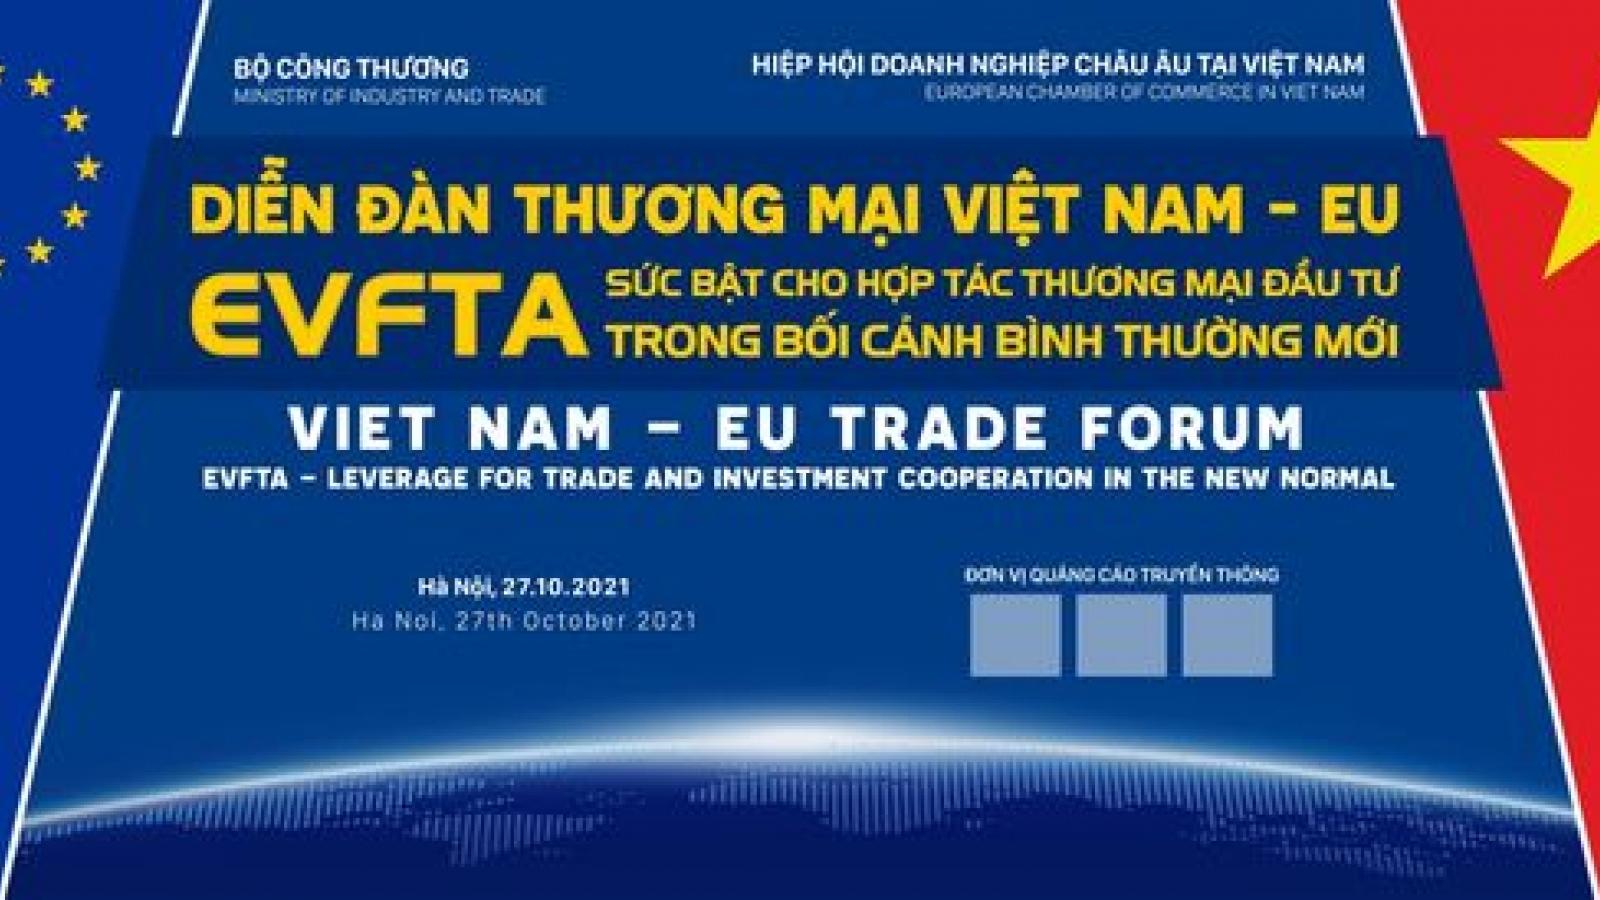 """""""EVFTA - sức bật cho hợp tác thương mại đầu tư trong bối cảnh bình thường mới"""""""